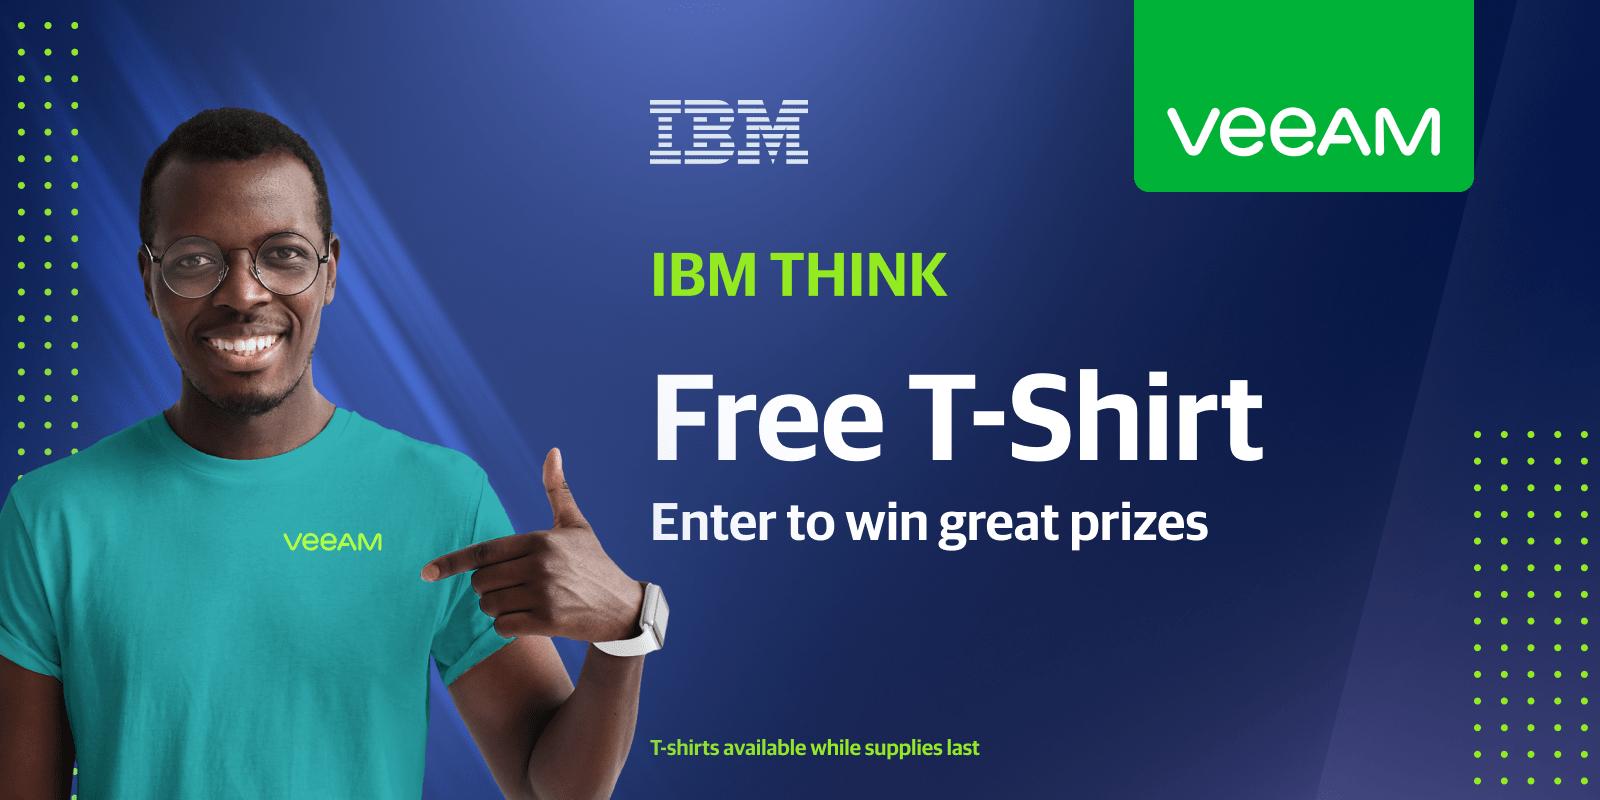 Gratis IBM Think Veeam T-Shirt mit Business Email